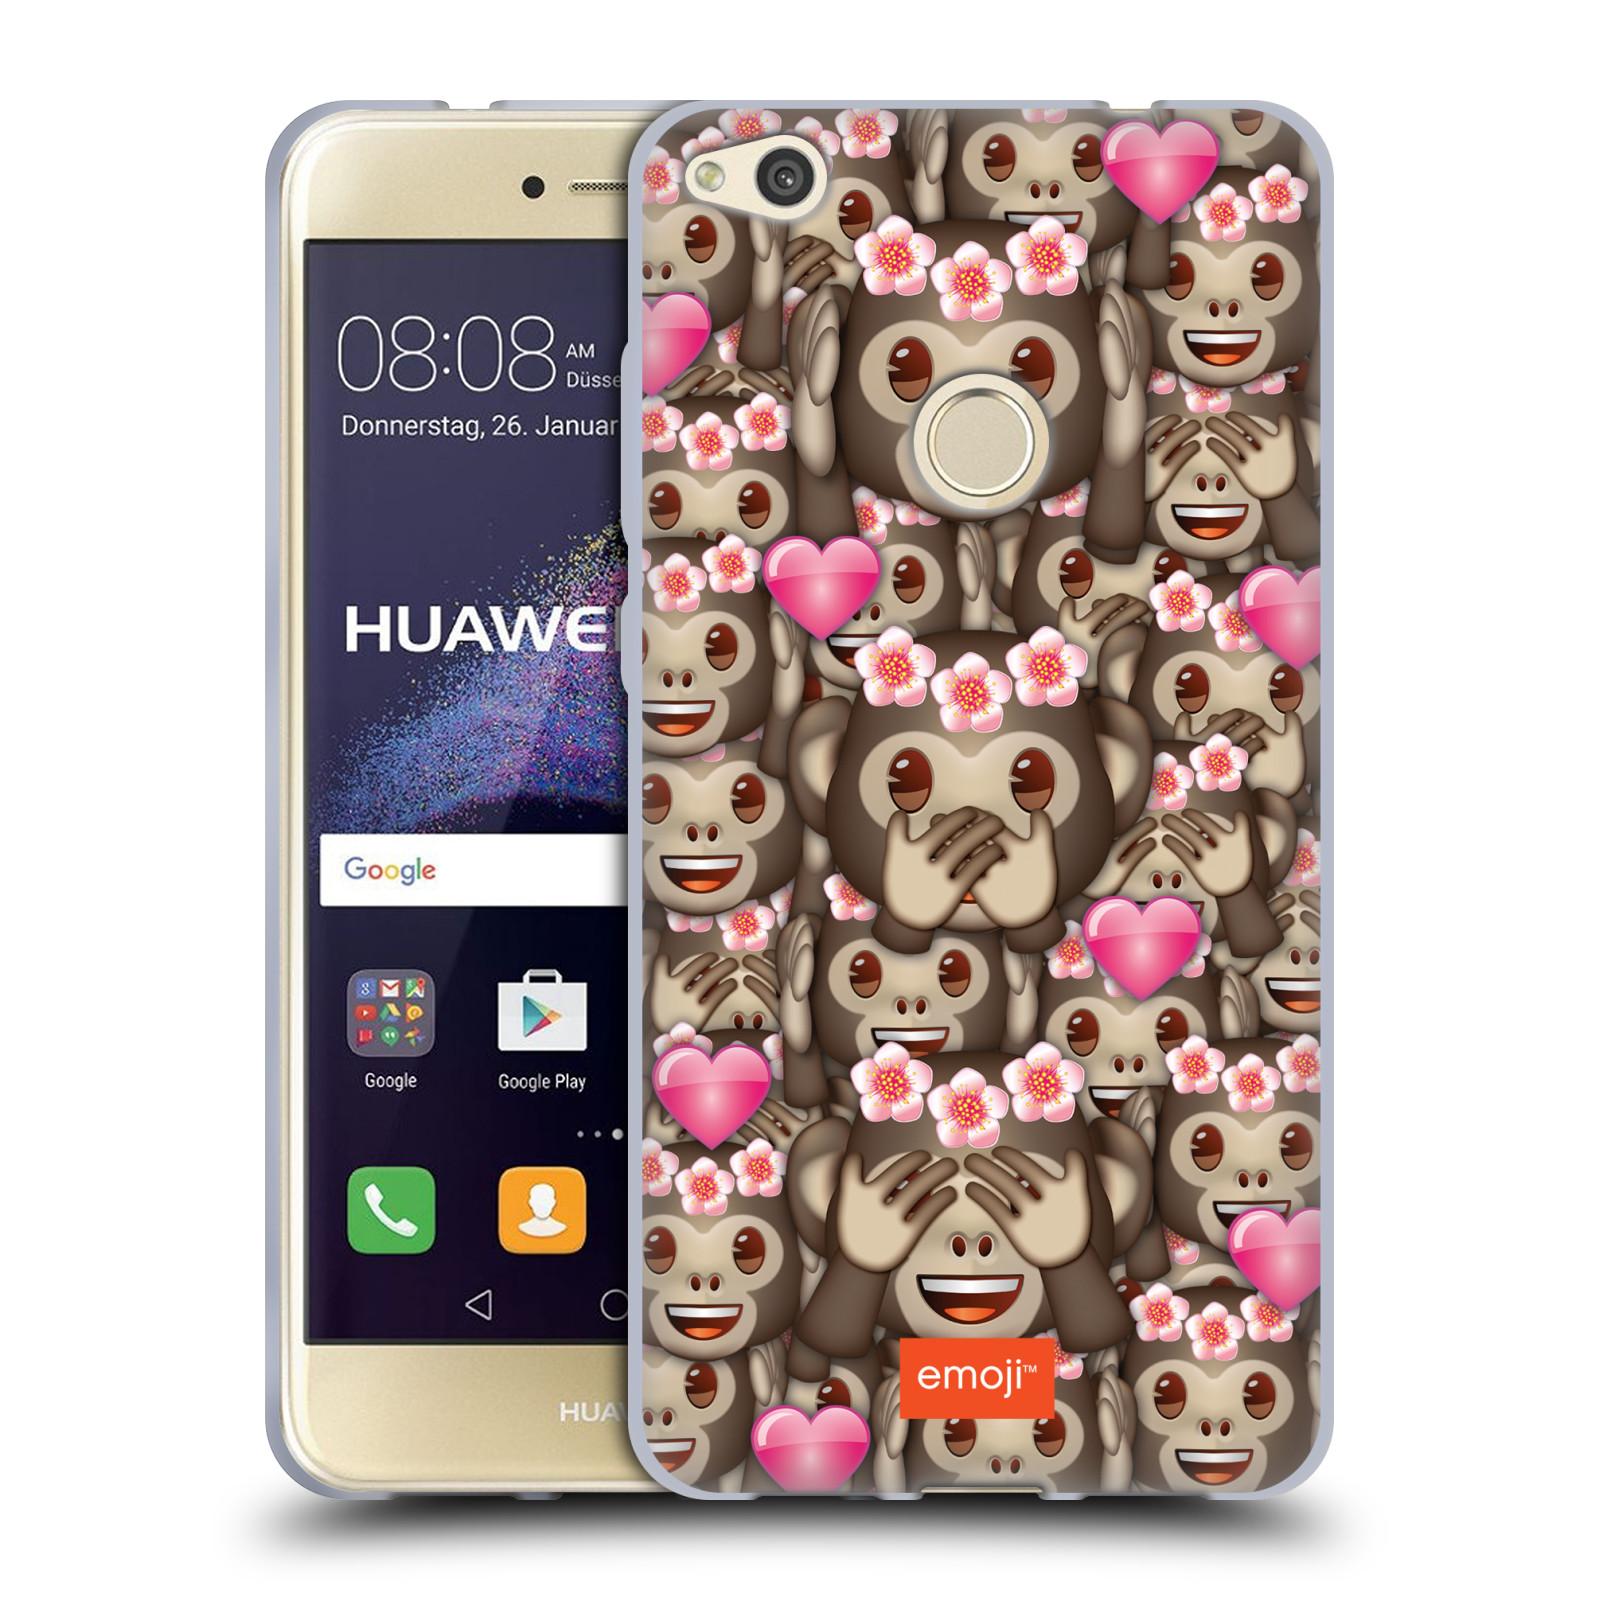 Silikonové pouzdro na mobil Huawei P9 Lite (2017) HEAD CASE EMOJI - Opičky, srdíčka a kytičky